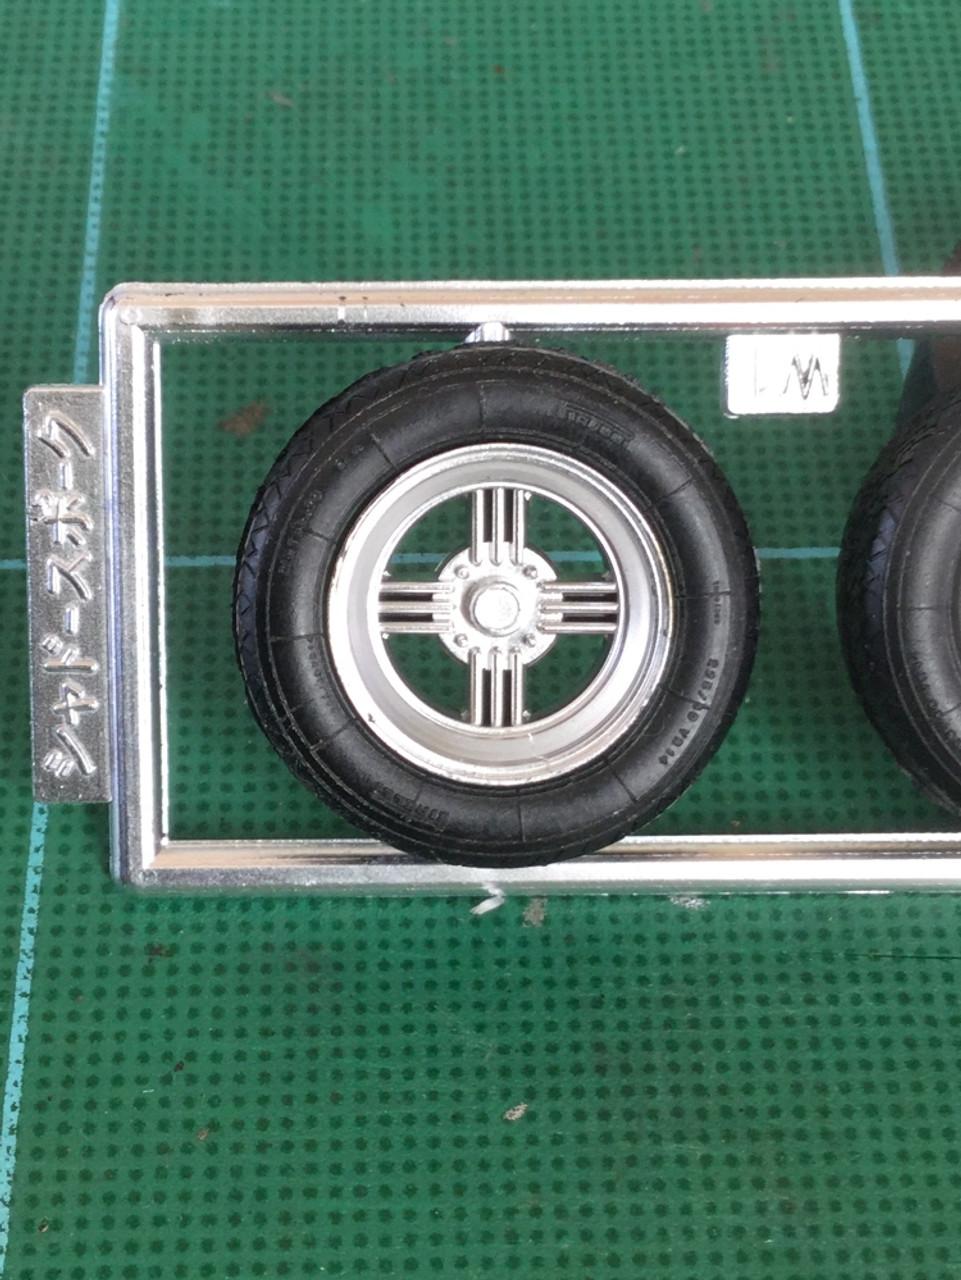 Shaadow Spoke Wheel Set, 1/24